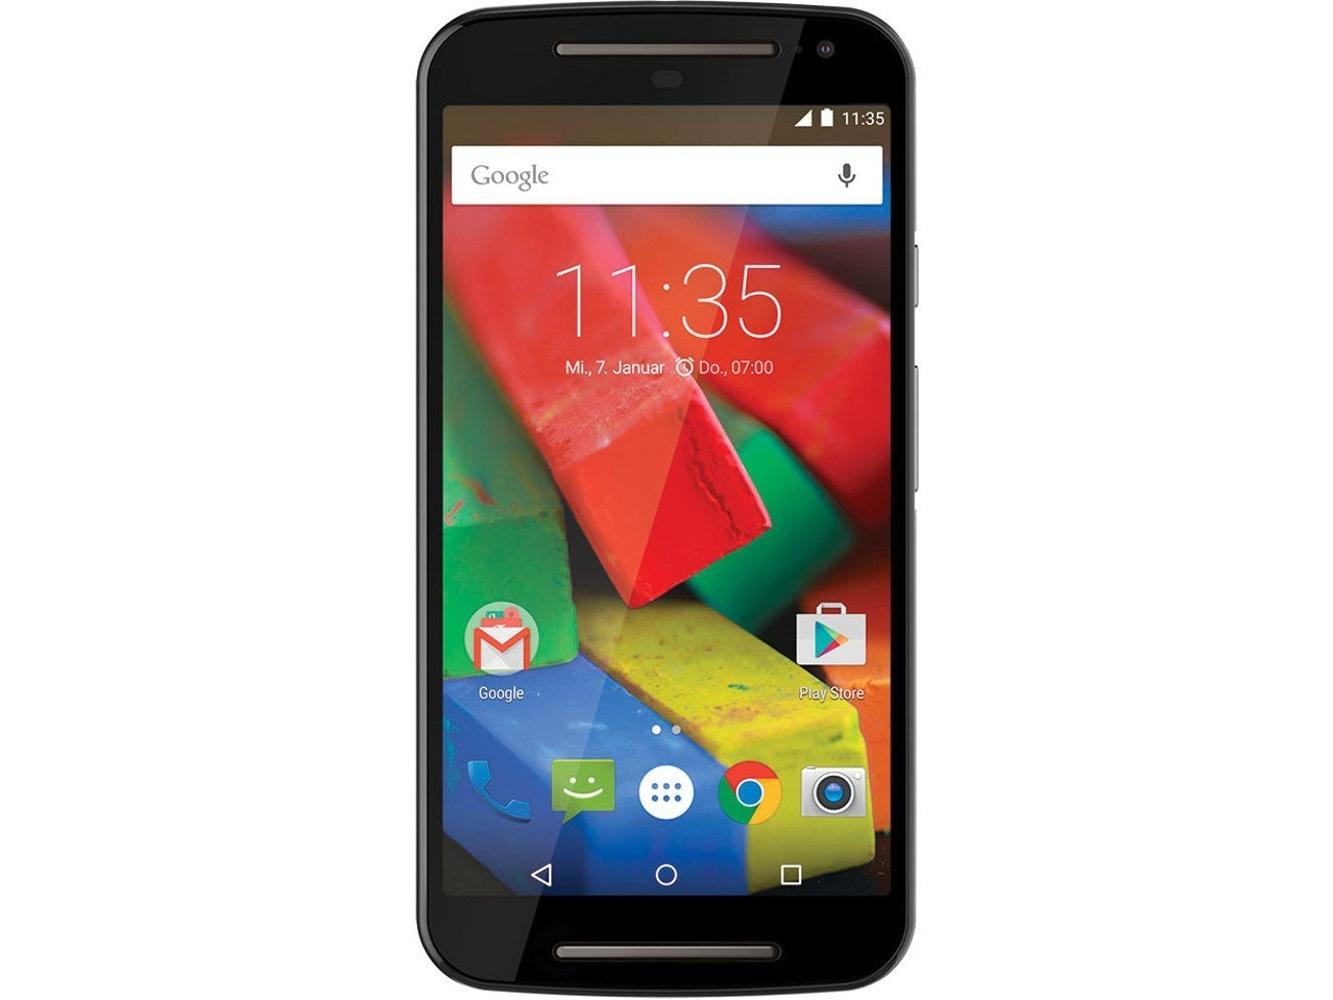 Test Motorola Moto G 2 Gen 4g Smartphone Notebookcheck